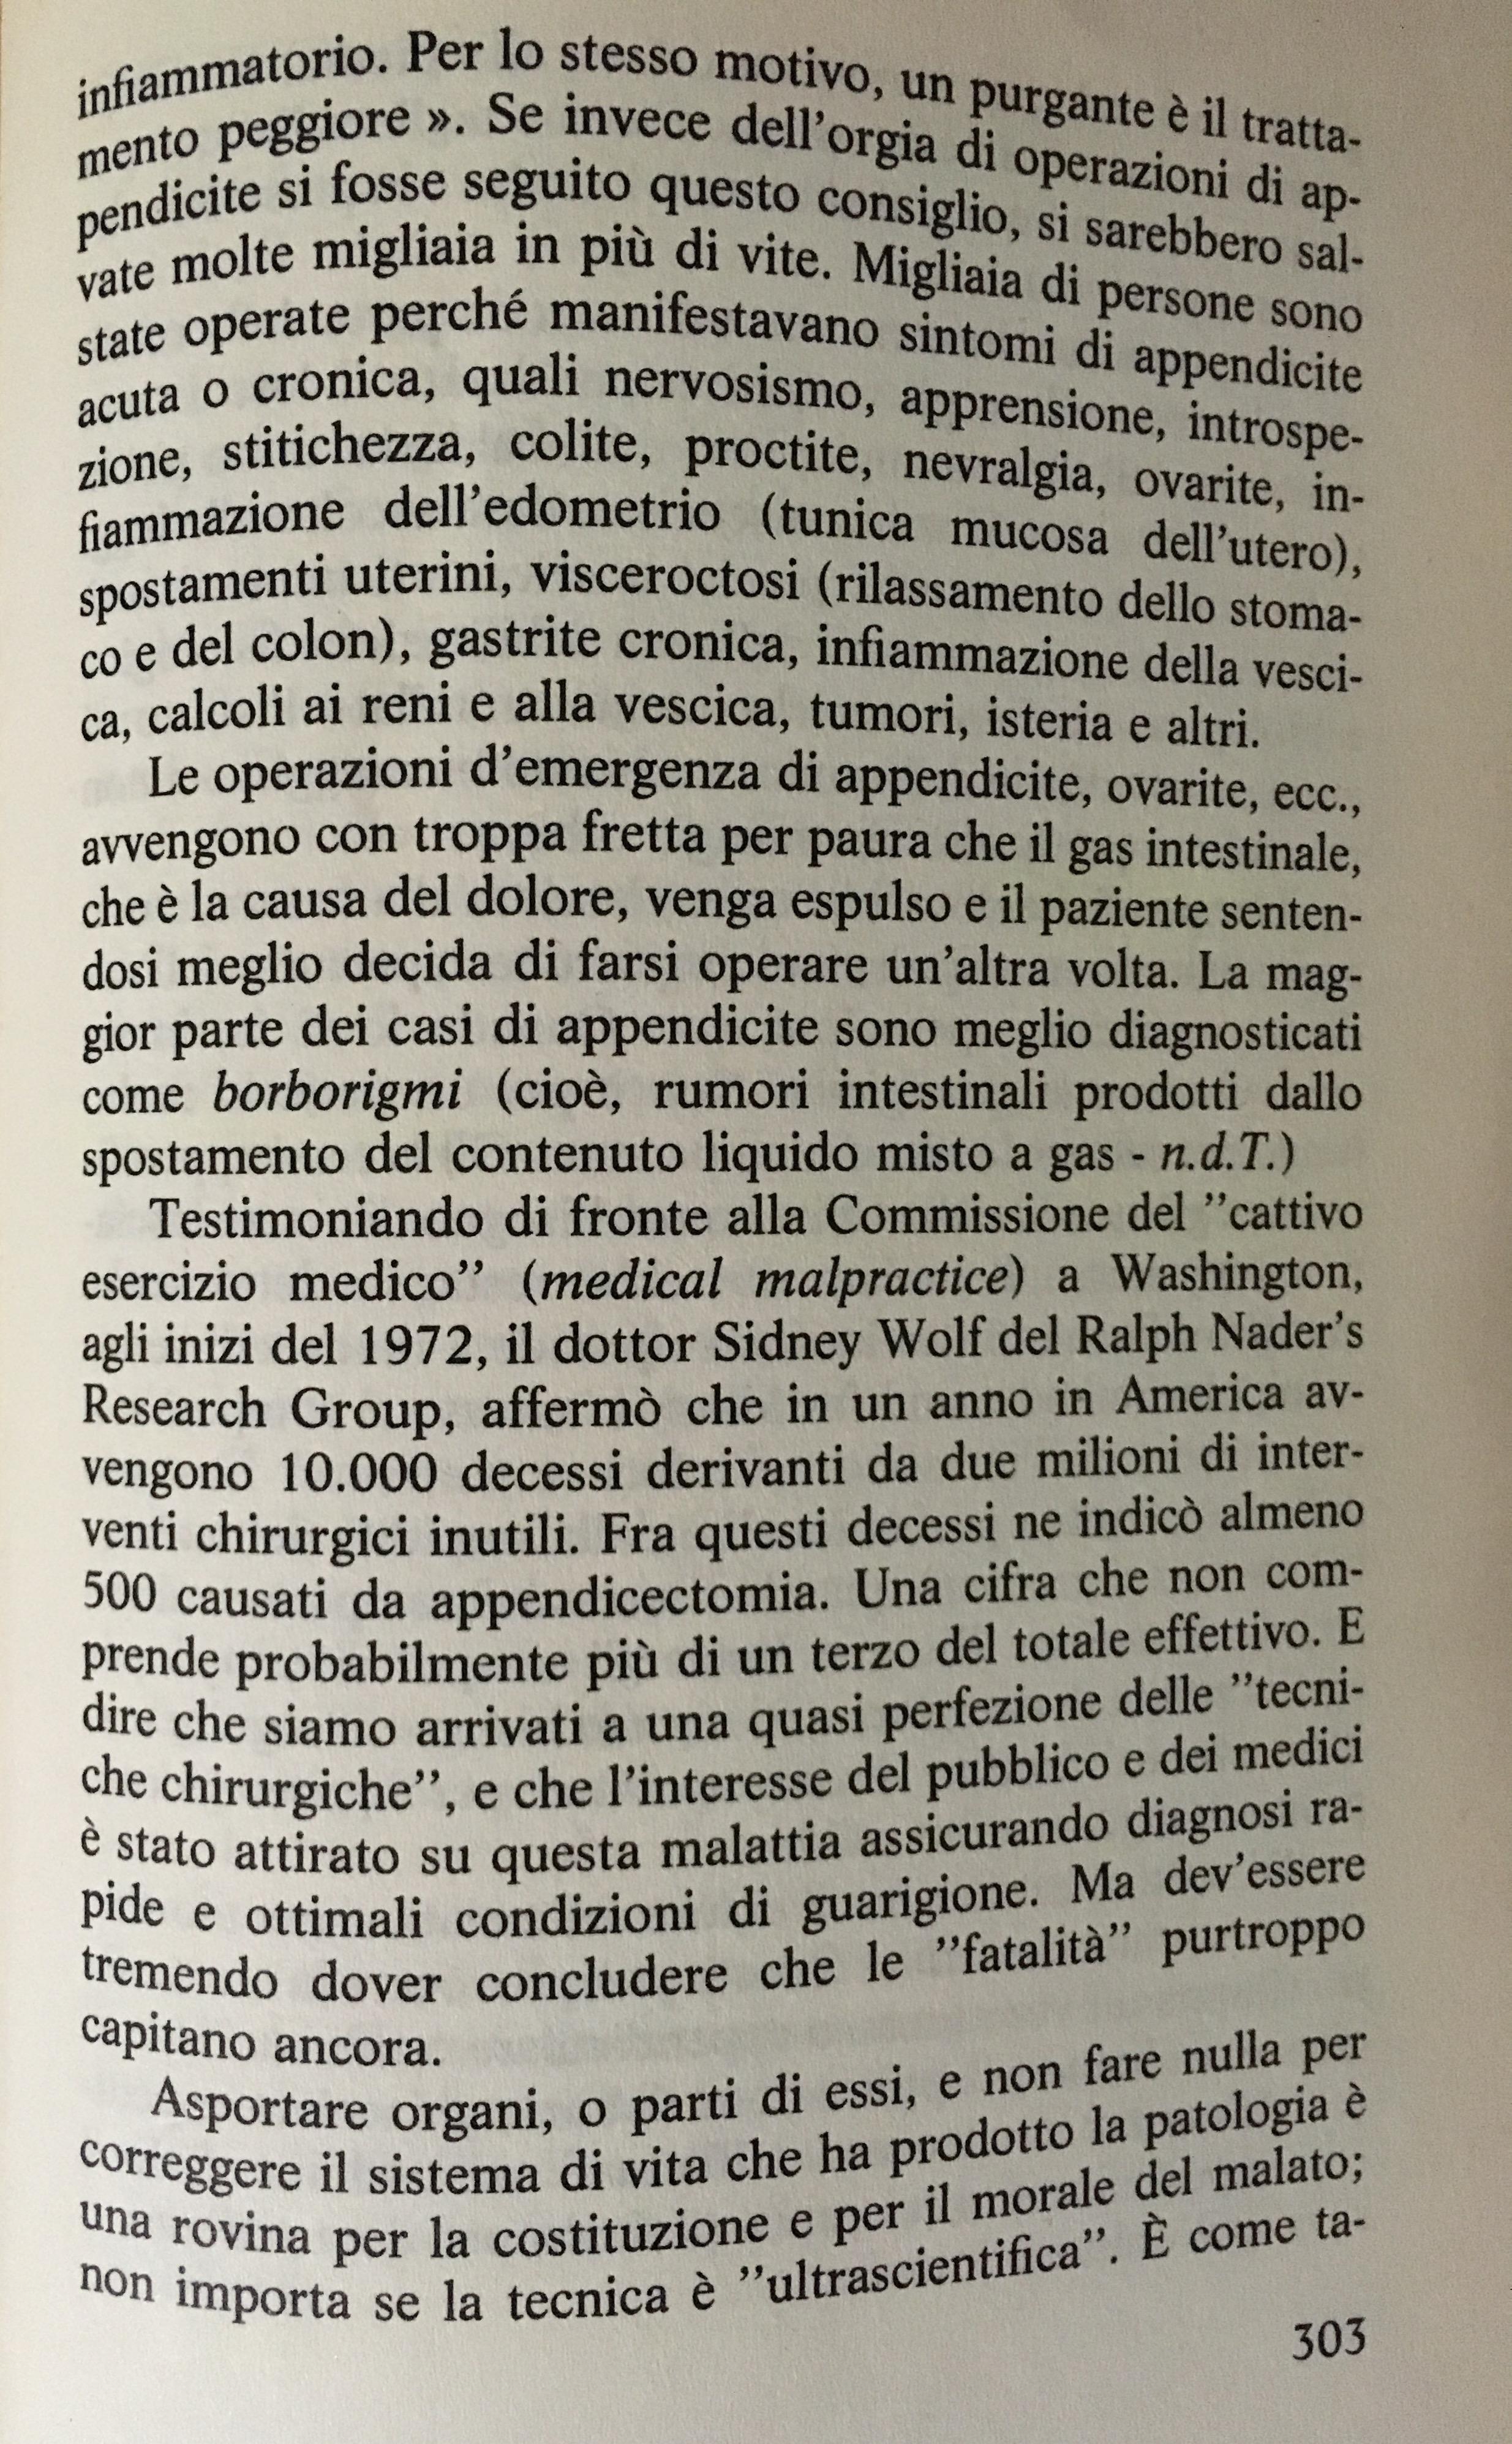 APPENDICITE 303